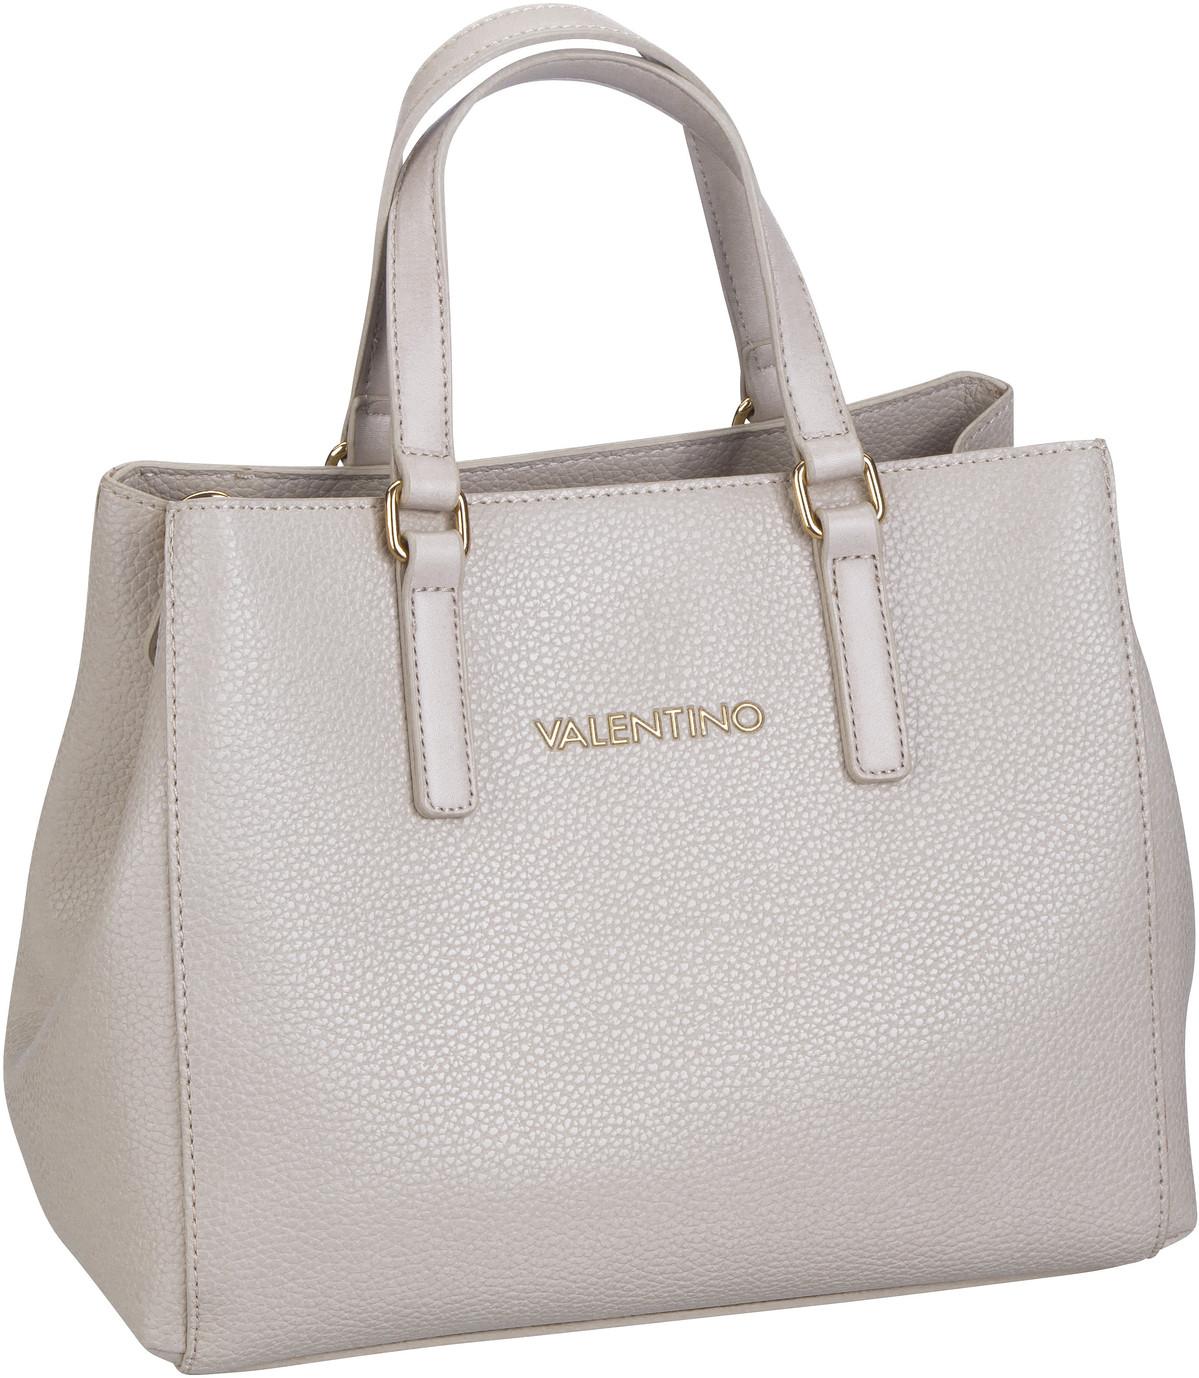 Bags Handtasche Superman Shopping U803 Ghiaccio